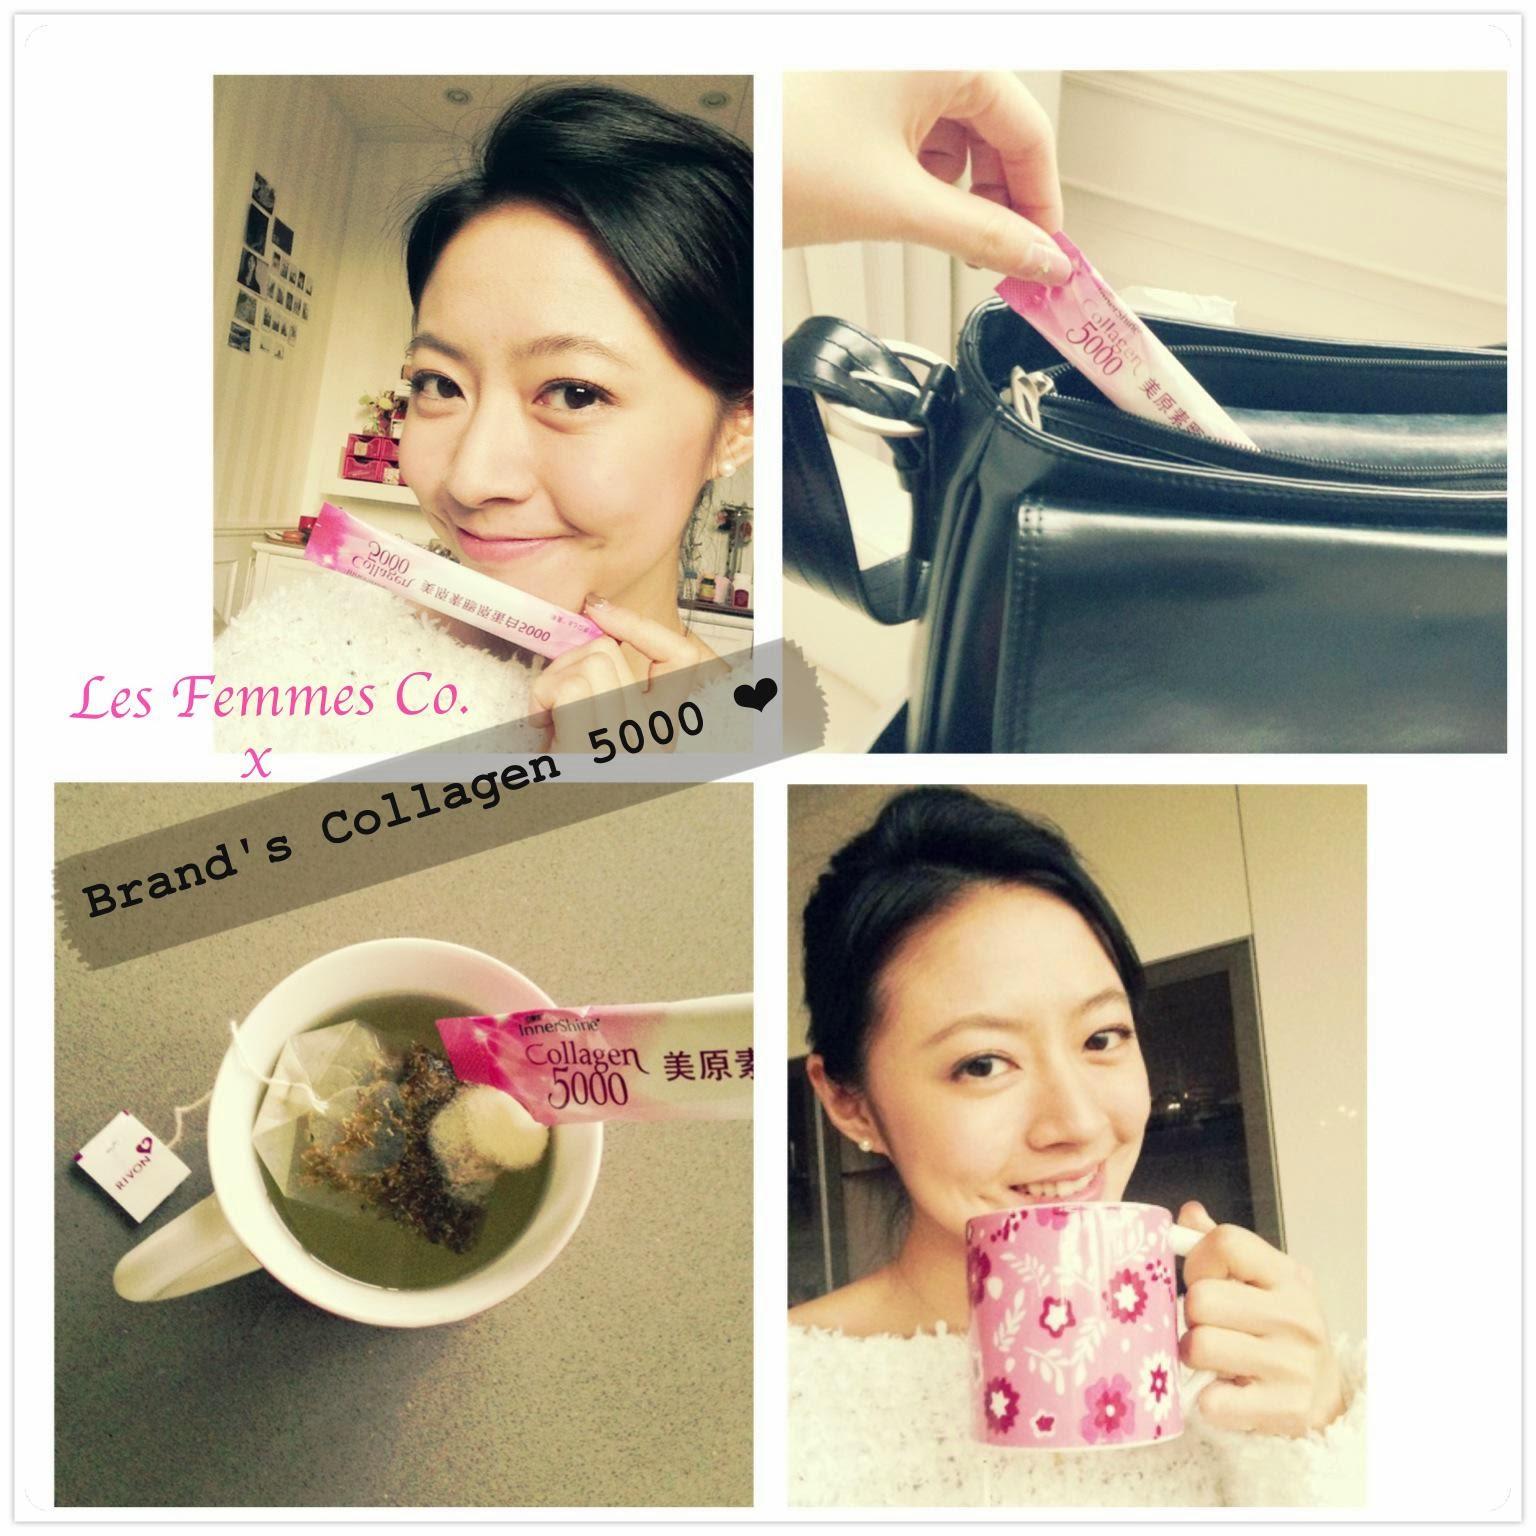 【試用】喝的保養品新歡 白蘭氏美原素膠原蛋白 5000 - Les Femmes Co.